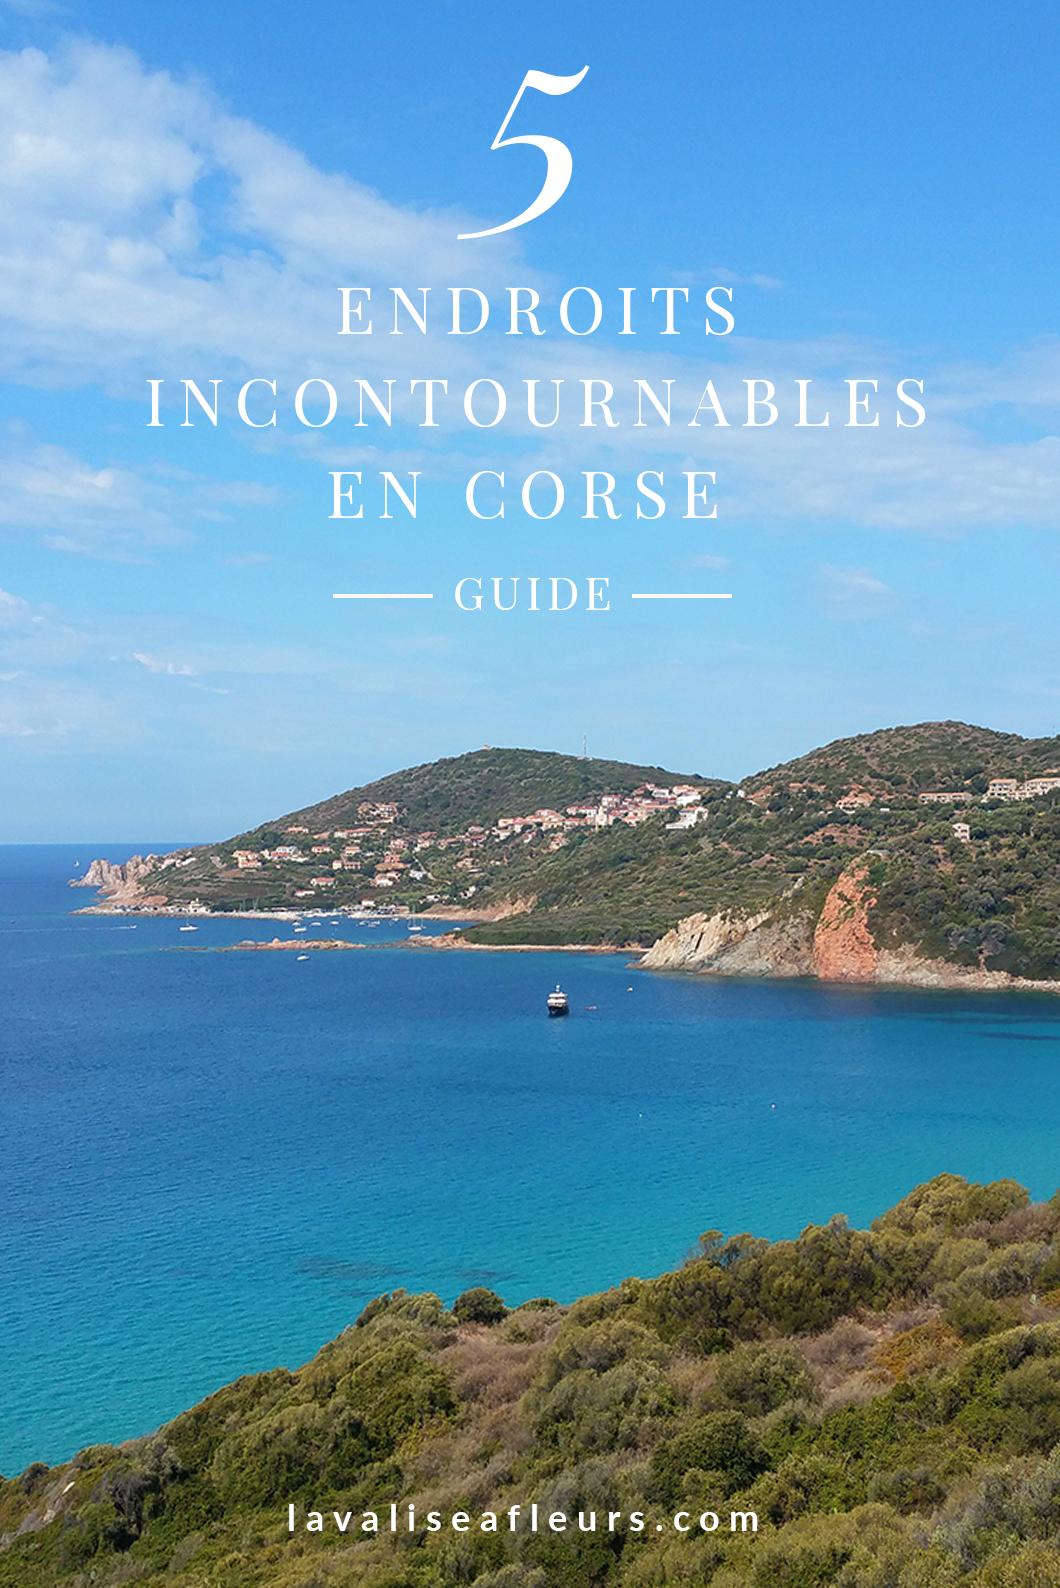 Endroits incontournables en Corse